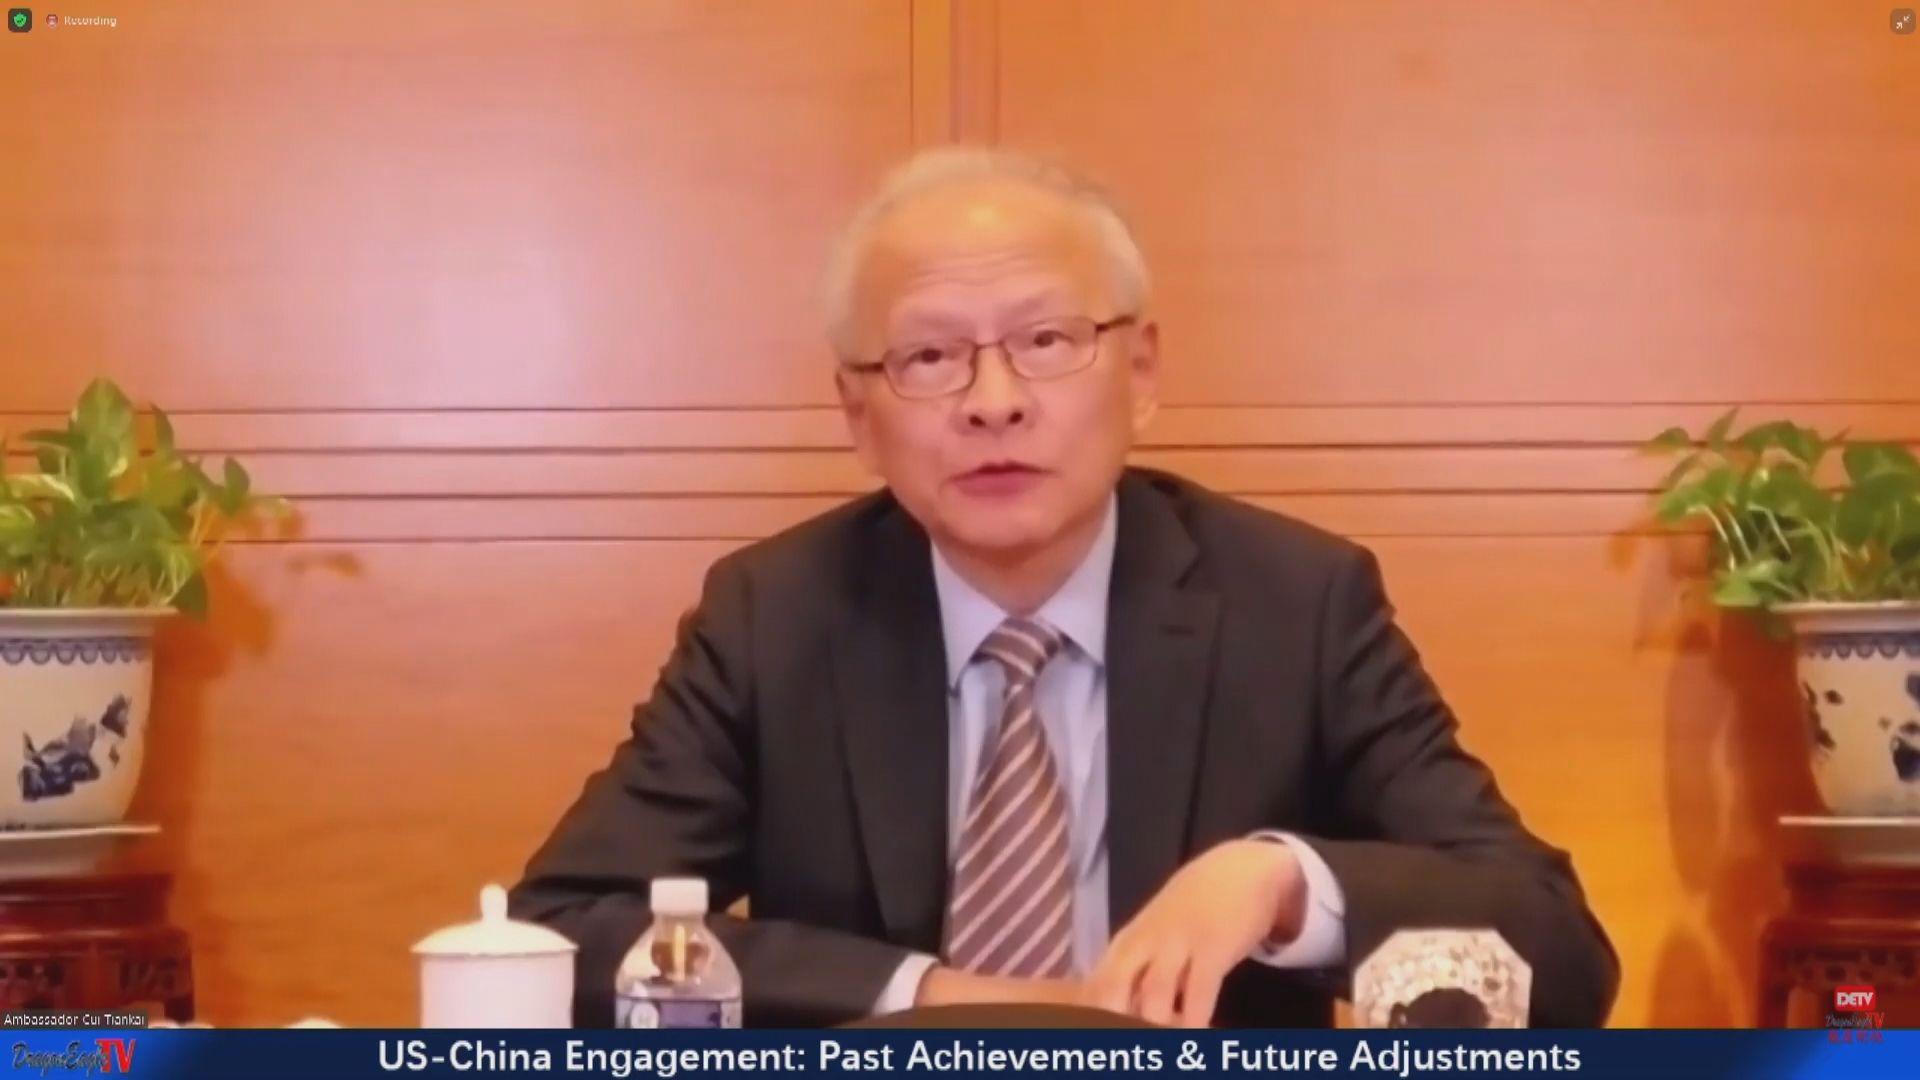 中國駐美大使:美國視中國為戰略對手是嚴重誤判